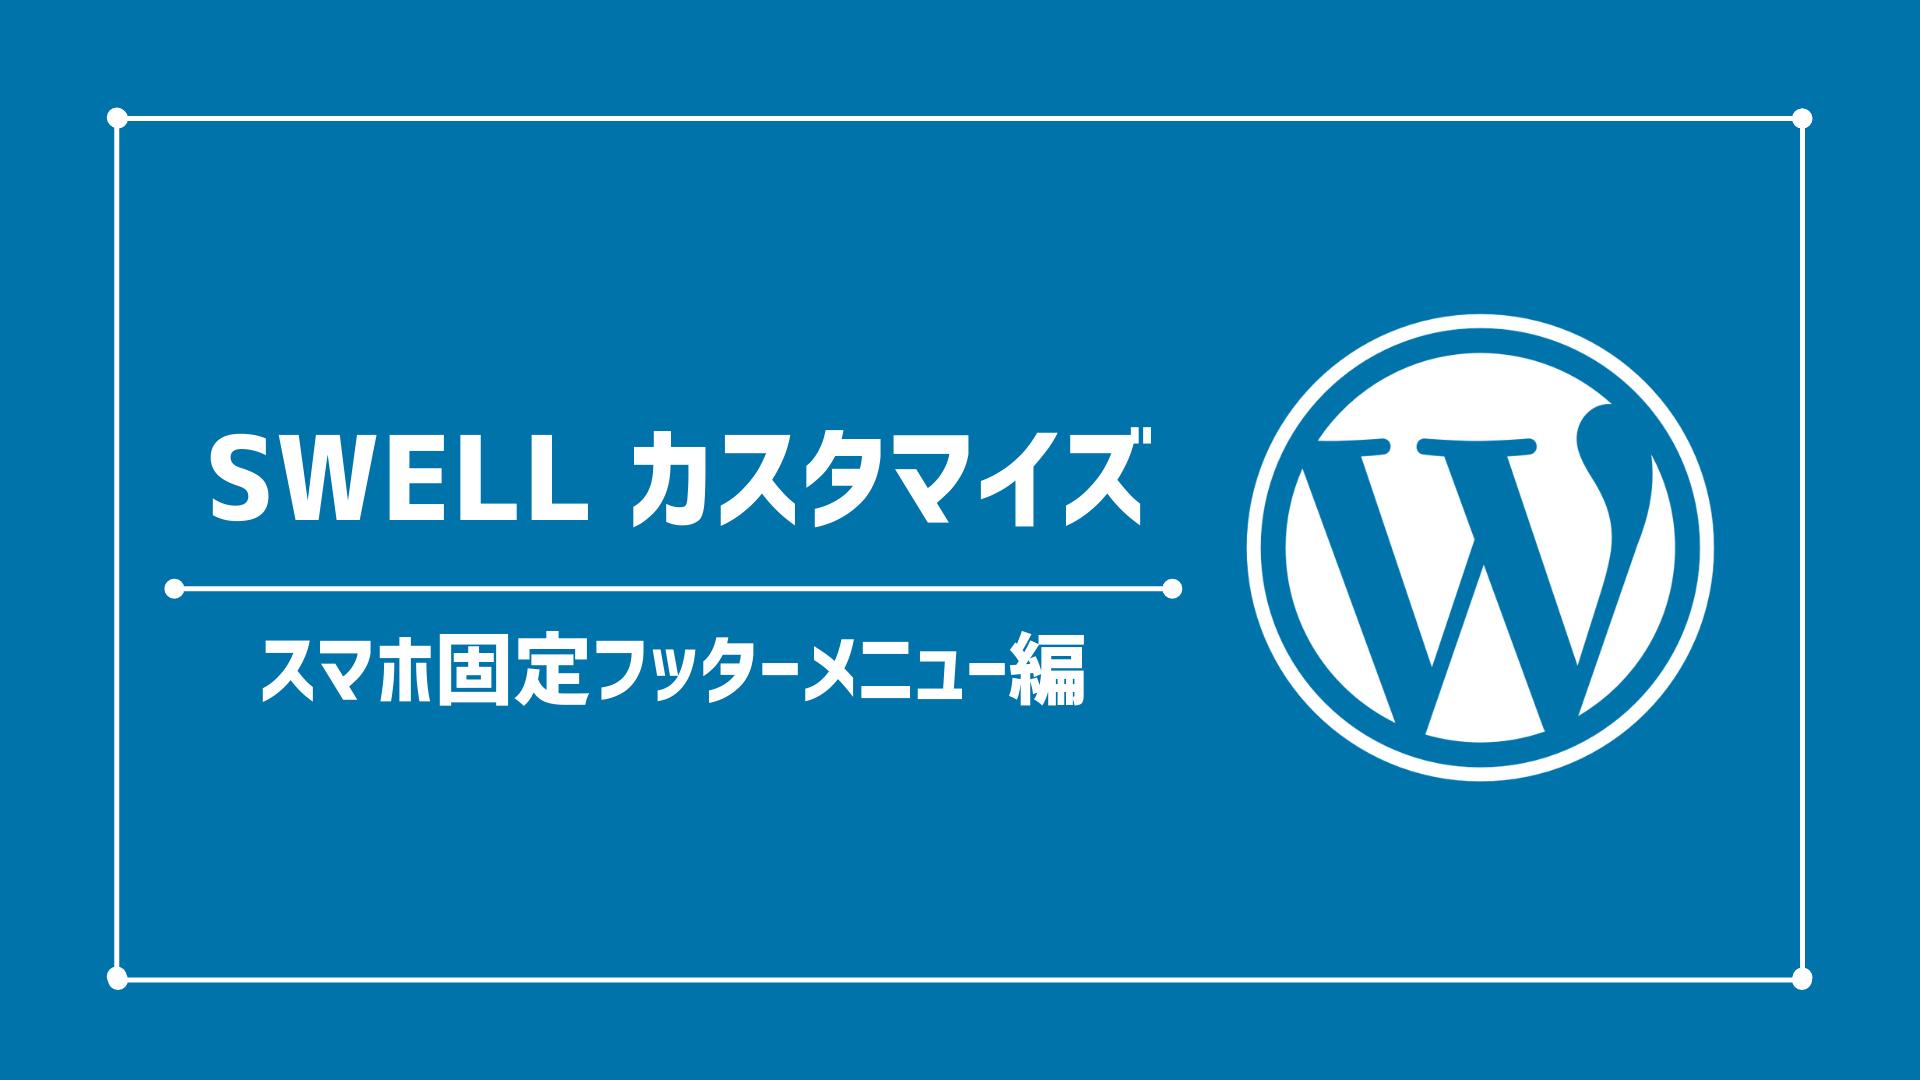 SWELLのスマホ固定フッターメニューでオリジナル画像アイコンを設定する方法【SWELL カスタマイズ】